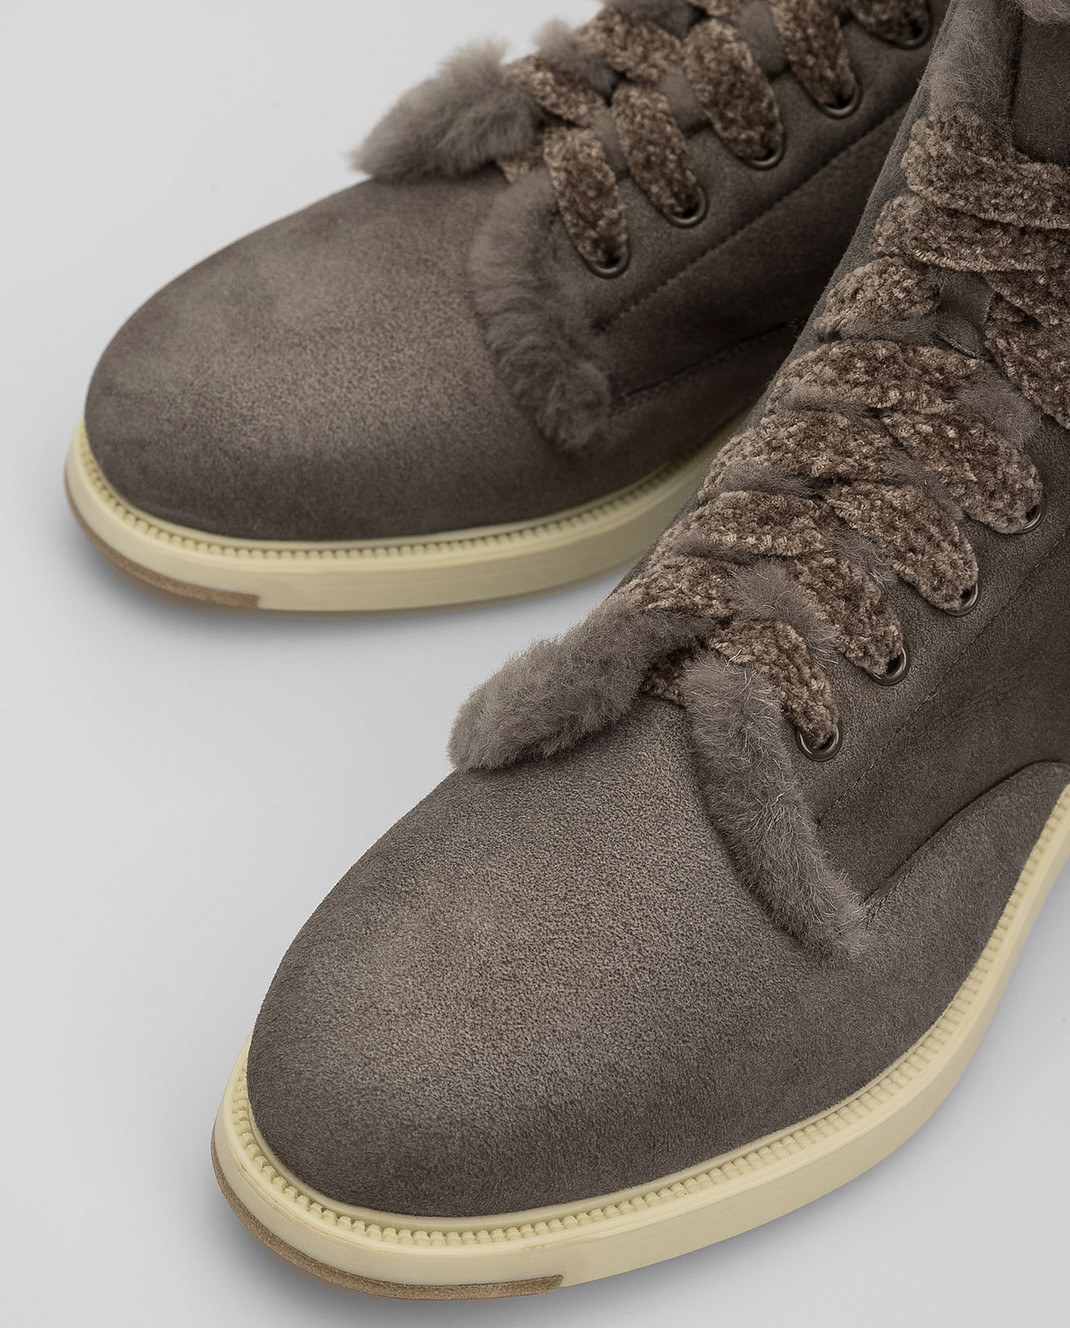 Santoni Темно-серые замшевые ботинки на меху WTEK58384SCOAEYT изображение 5